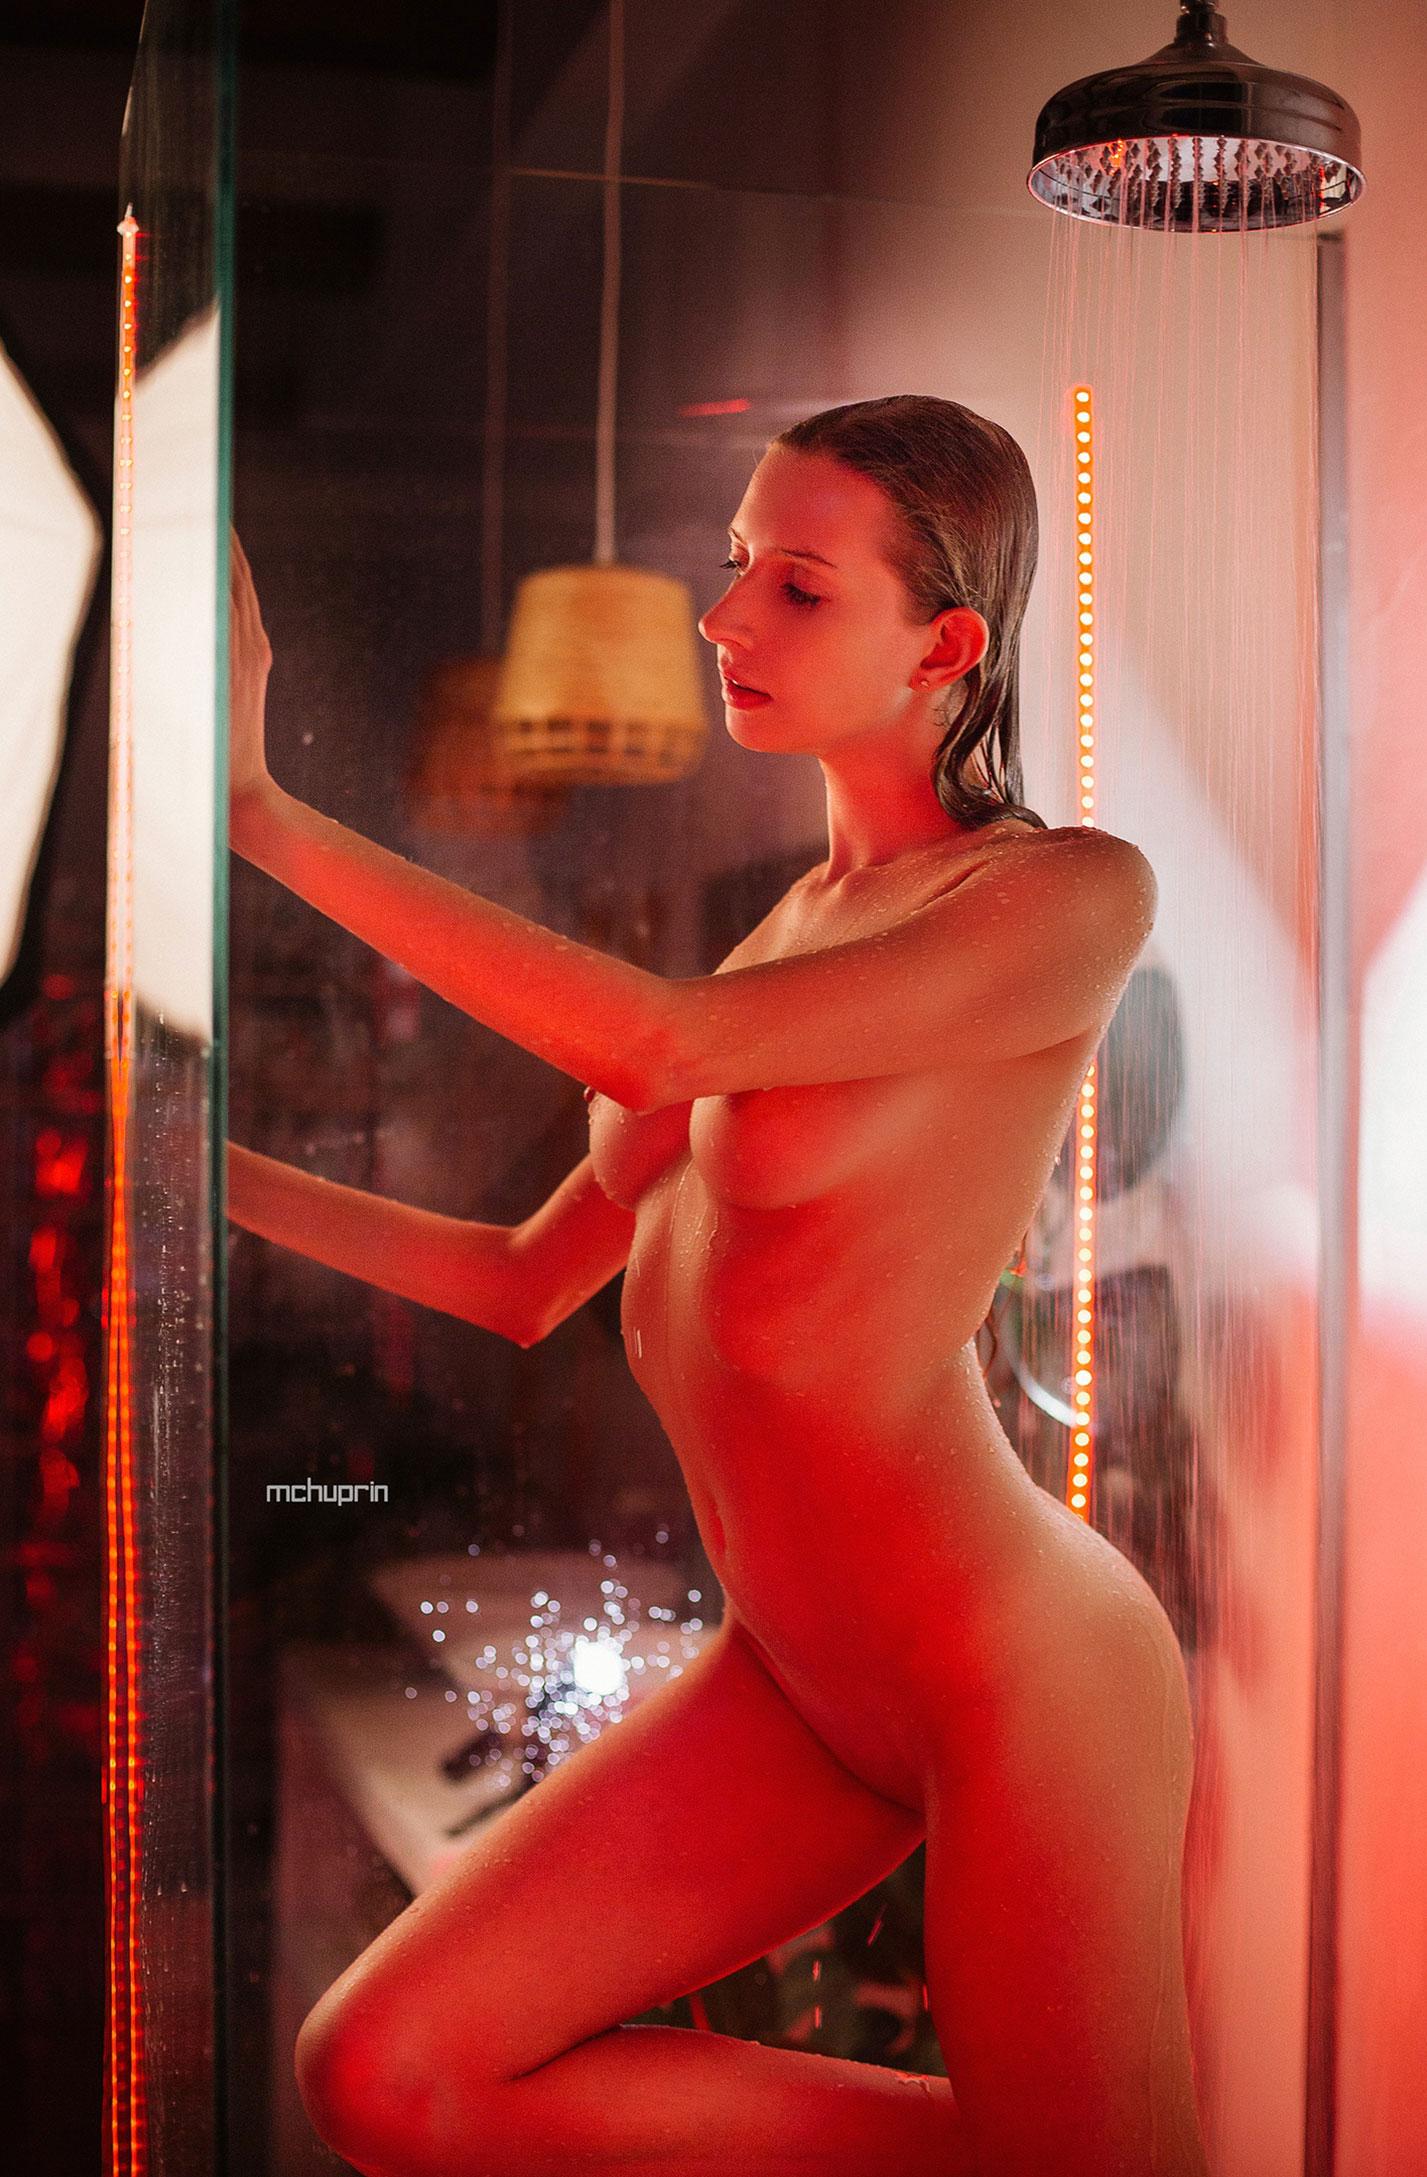 Катерина Райх принимает душ, под светом красных ламп / фото 06